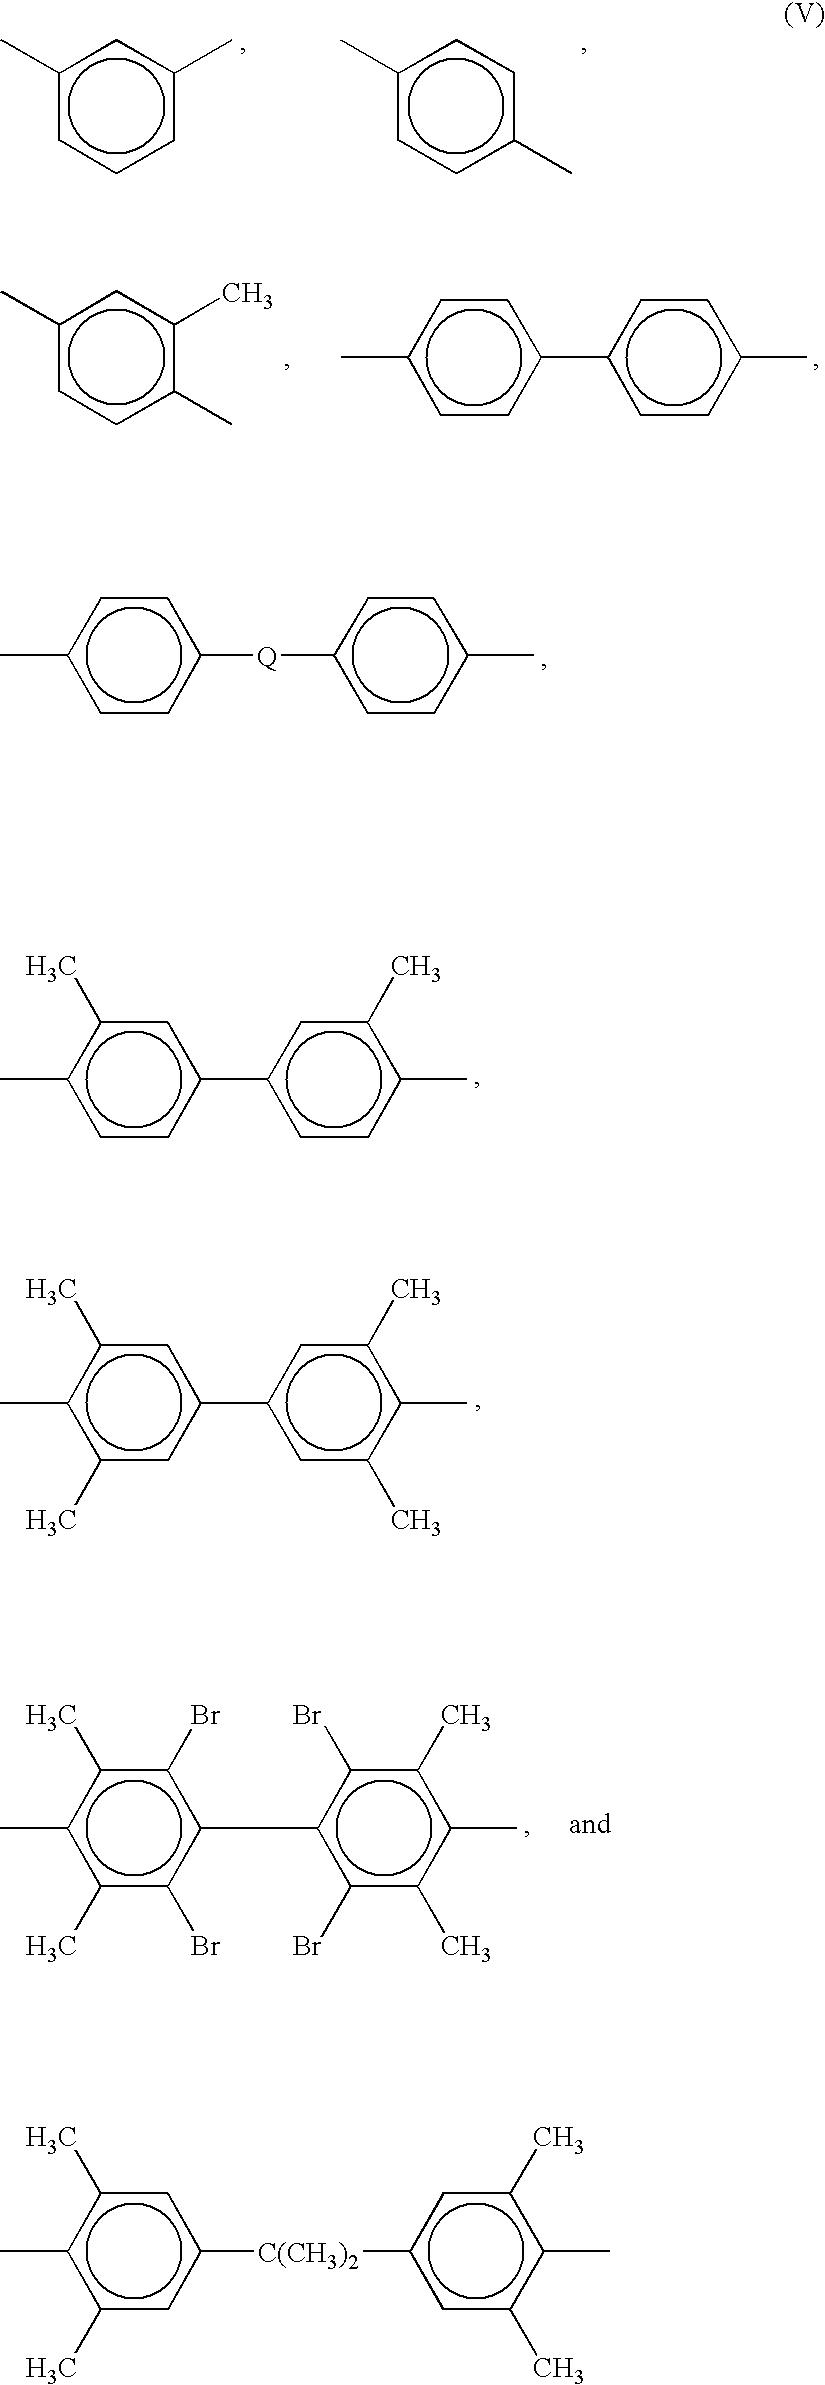 Figure US20070298255A1-20071227-C00008